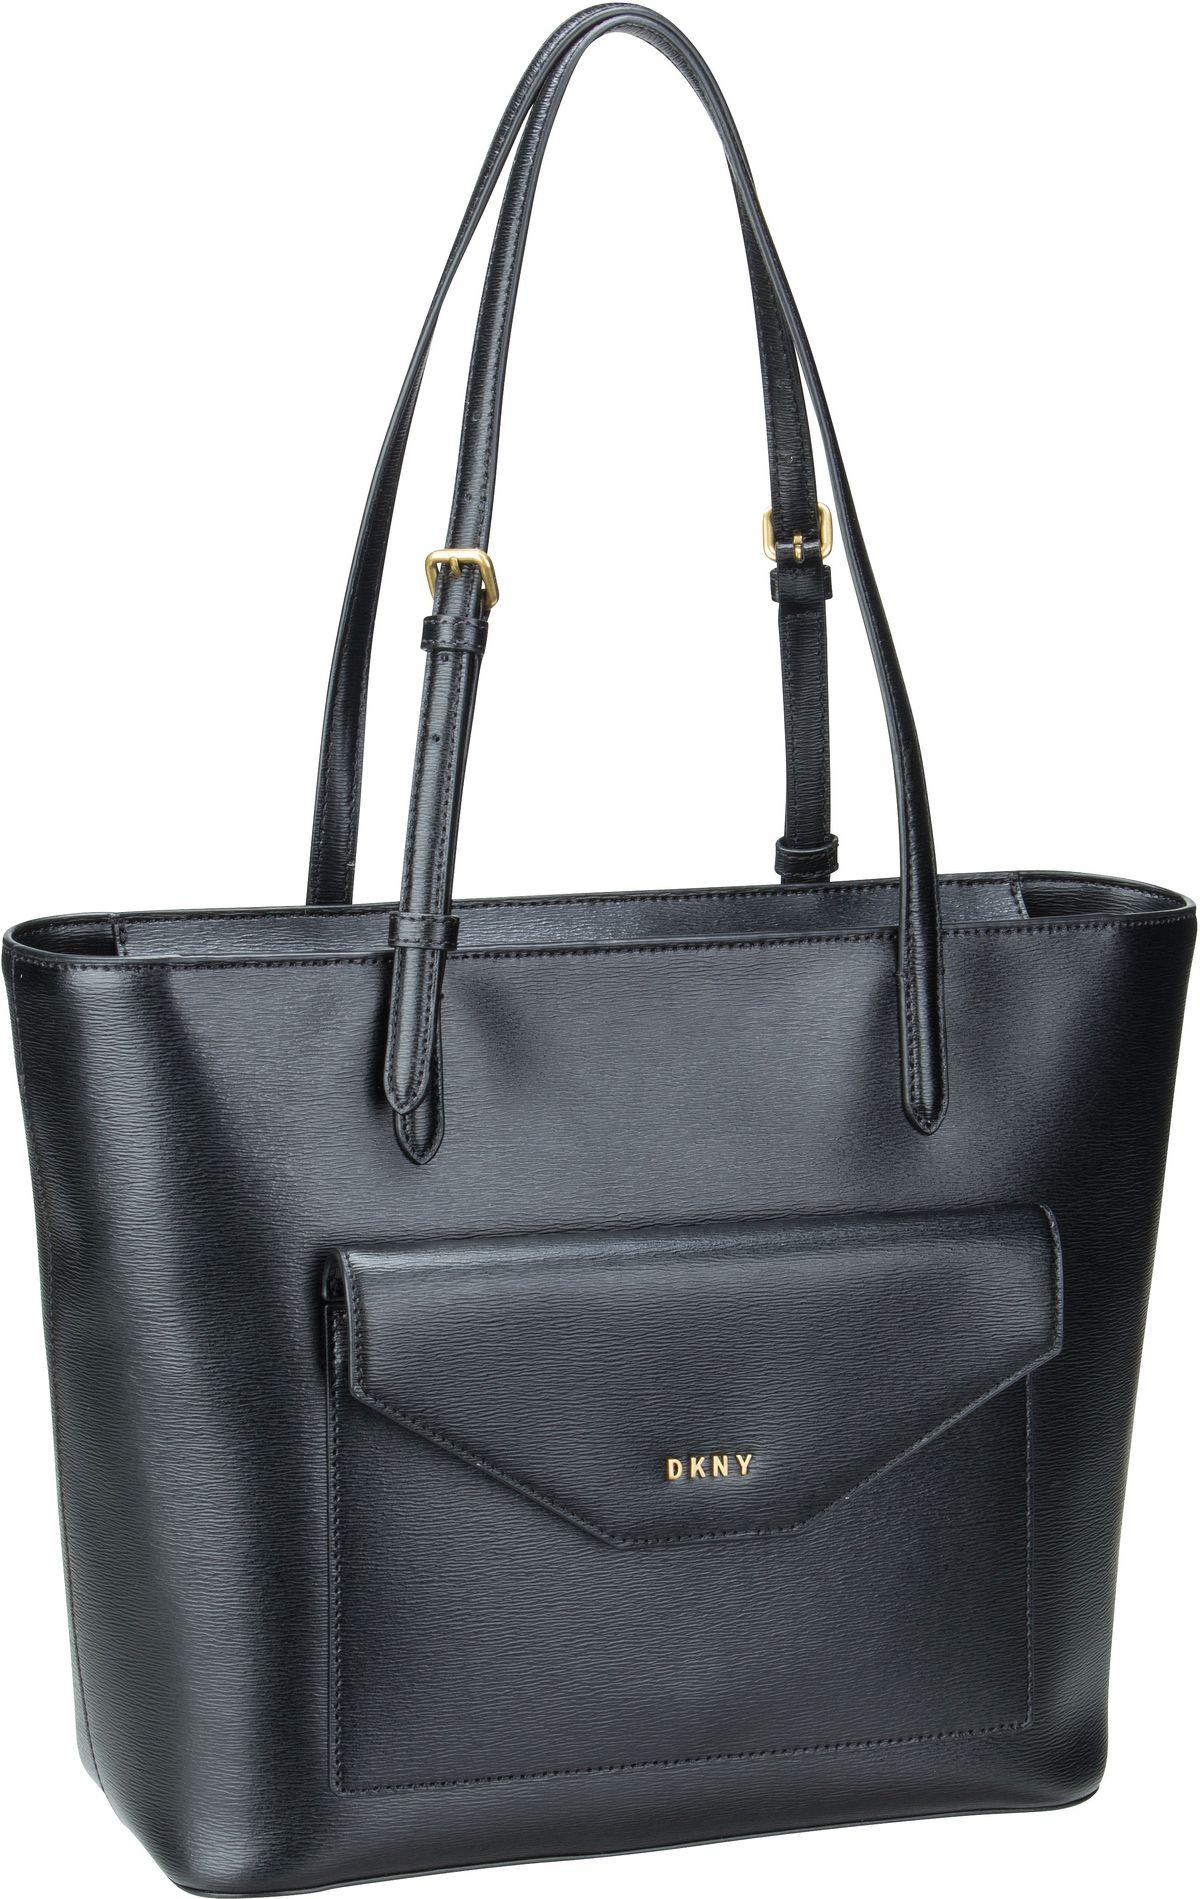 Shopper - DKNY Shopper Alexa Sutton Tote Black Gold  - Onlineshop Taschenkaufhaus